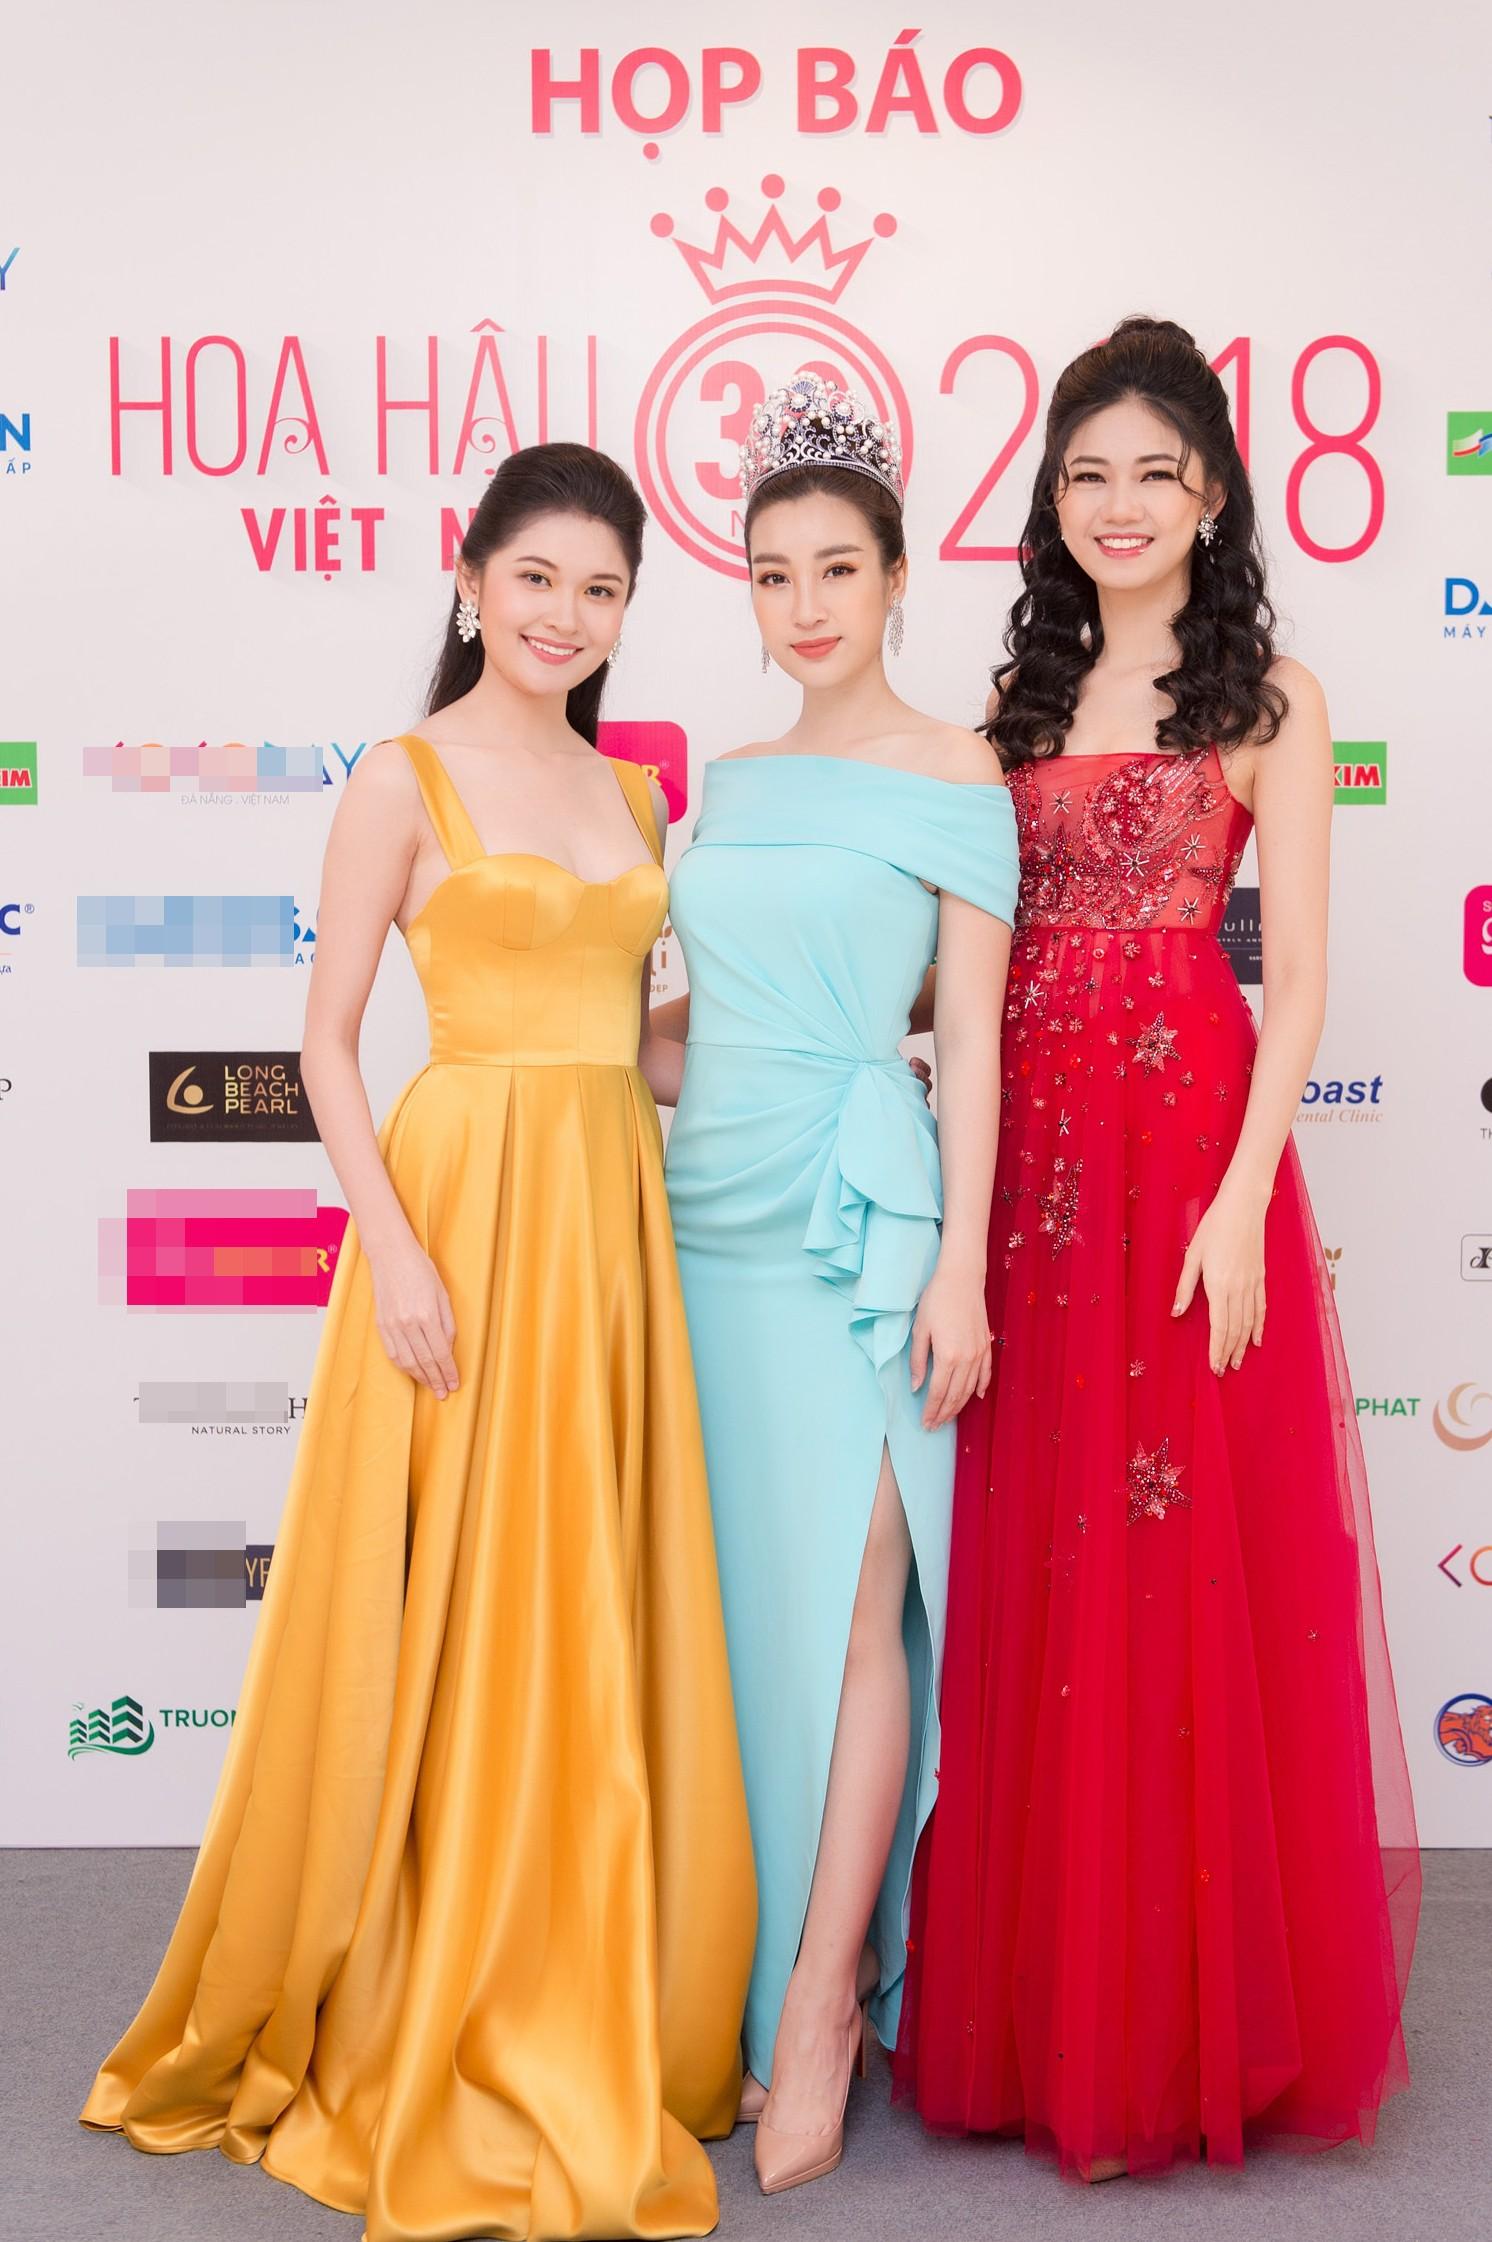 Hoa hậu Việt Nam 2018 mời bác sĩ nha khoa, nhân trắc học nhiều lần tránh để lọt thí sinh phẫu thuật thẩm mỹ - Ảnh 1.